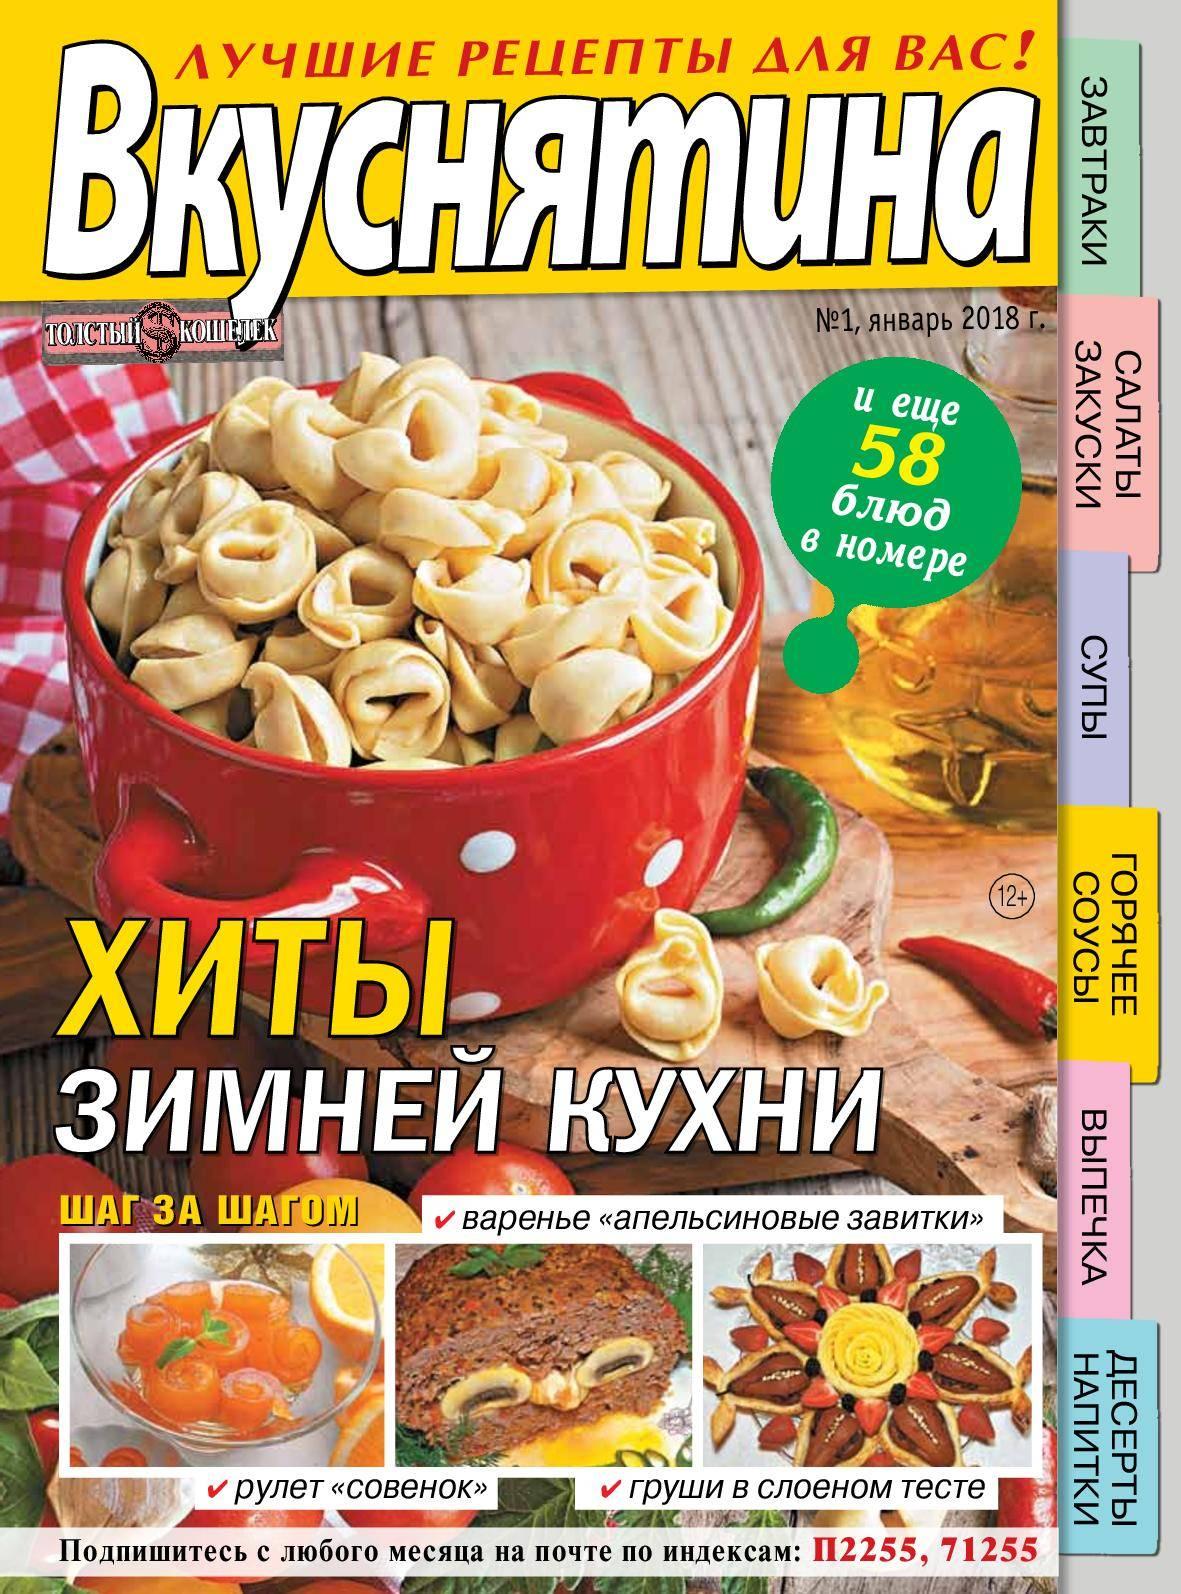 Как сделать картошку фри в домашних условиях: рецепты хрустящего картофеля фри как в макдональдсе с пошаговыми фото